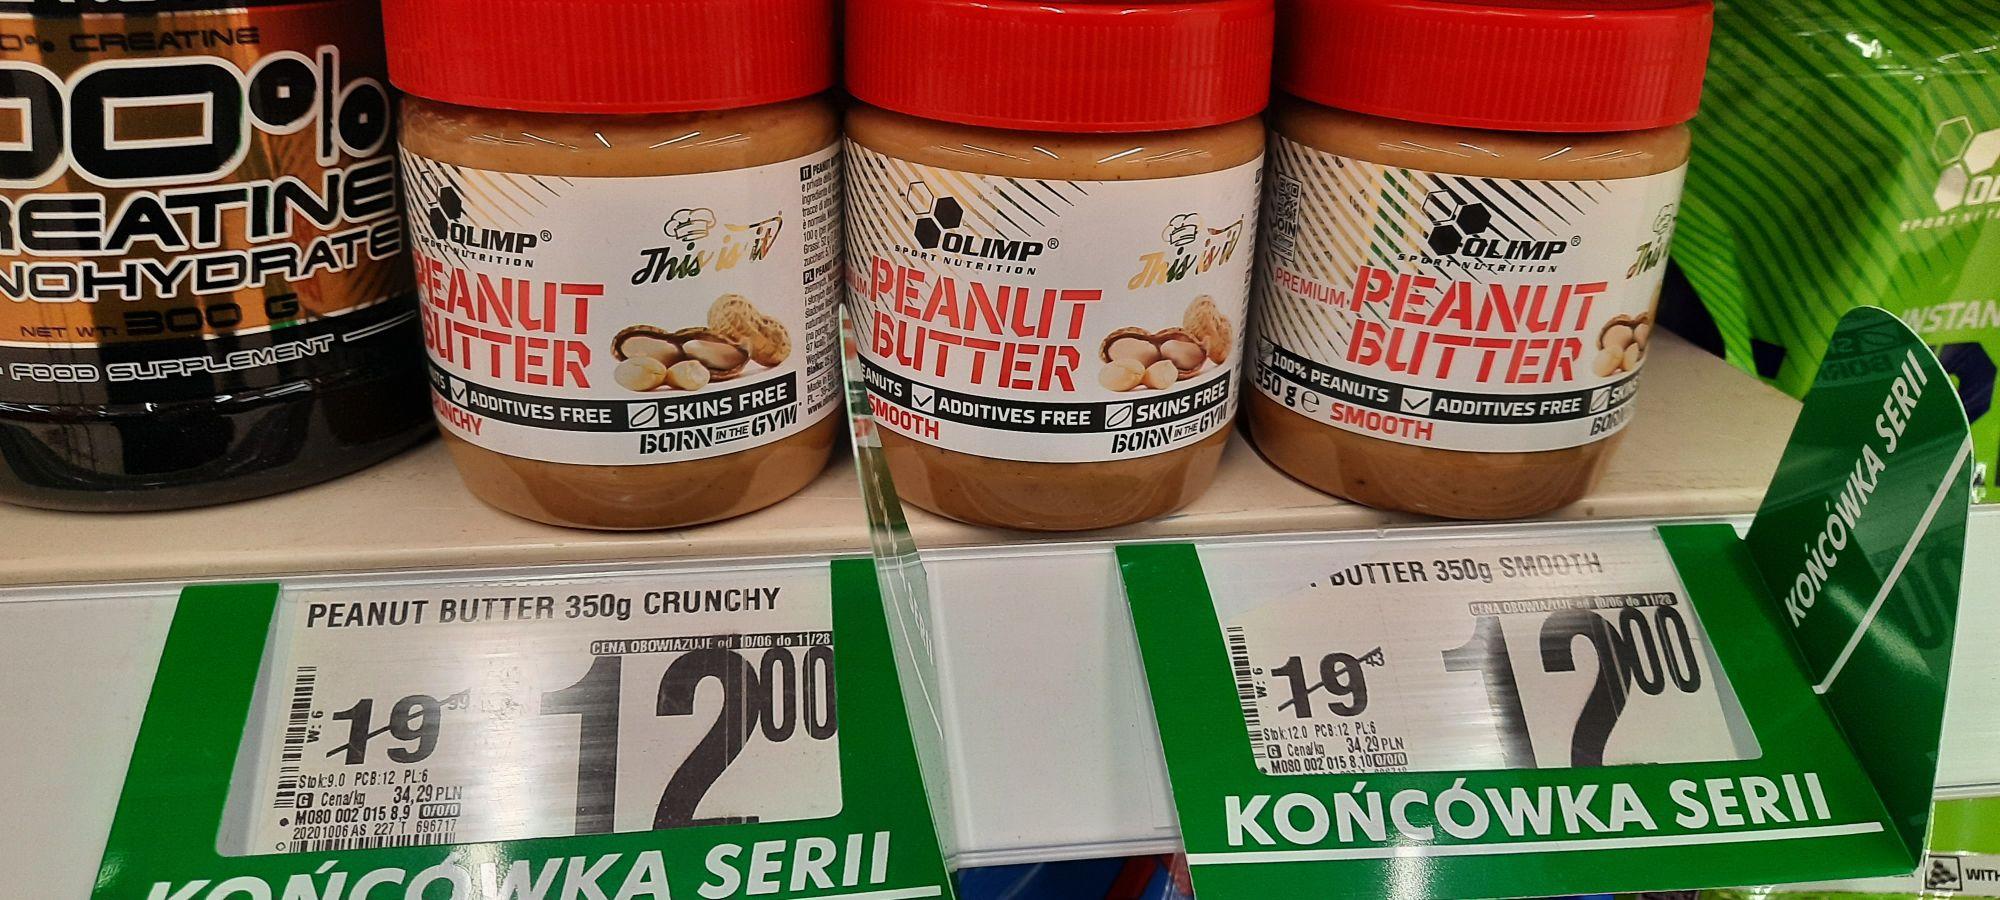 Olimp - Masło orzechowe 350g (Smooth, Crunchy) - Auchan Ursynów